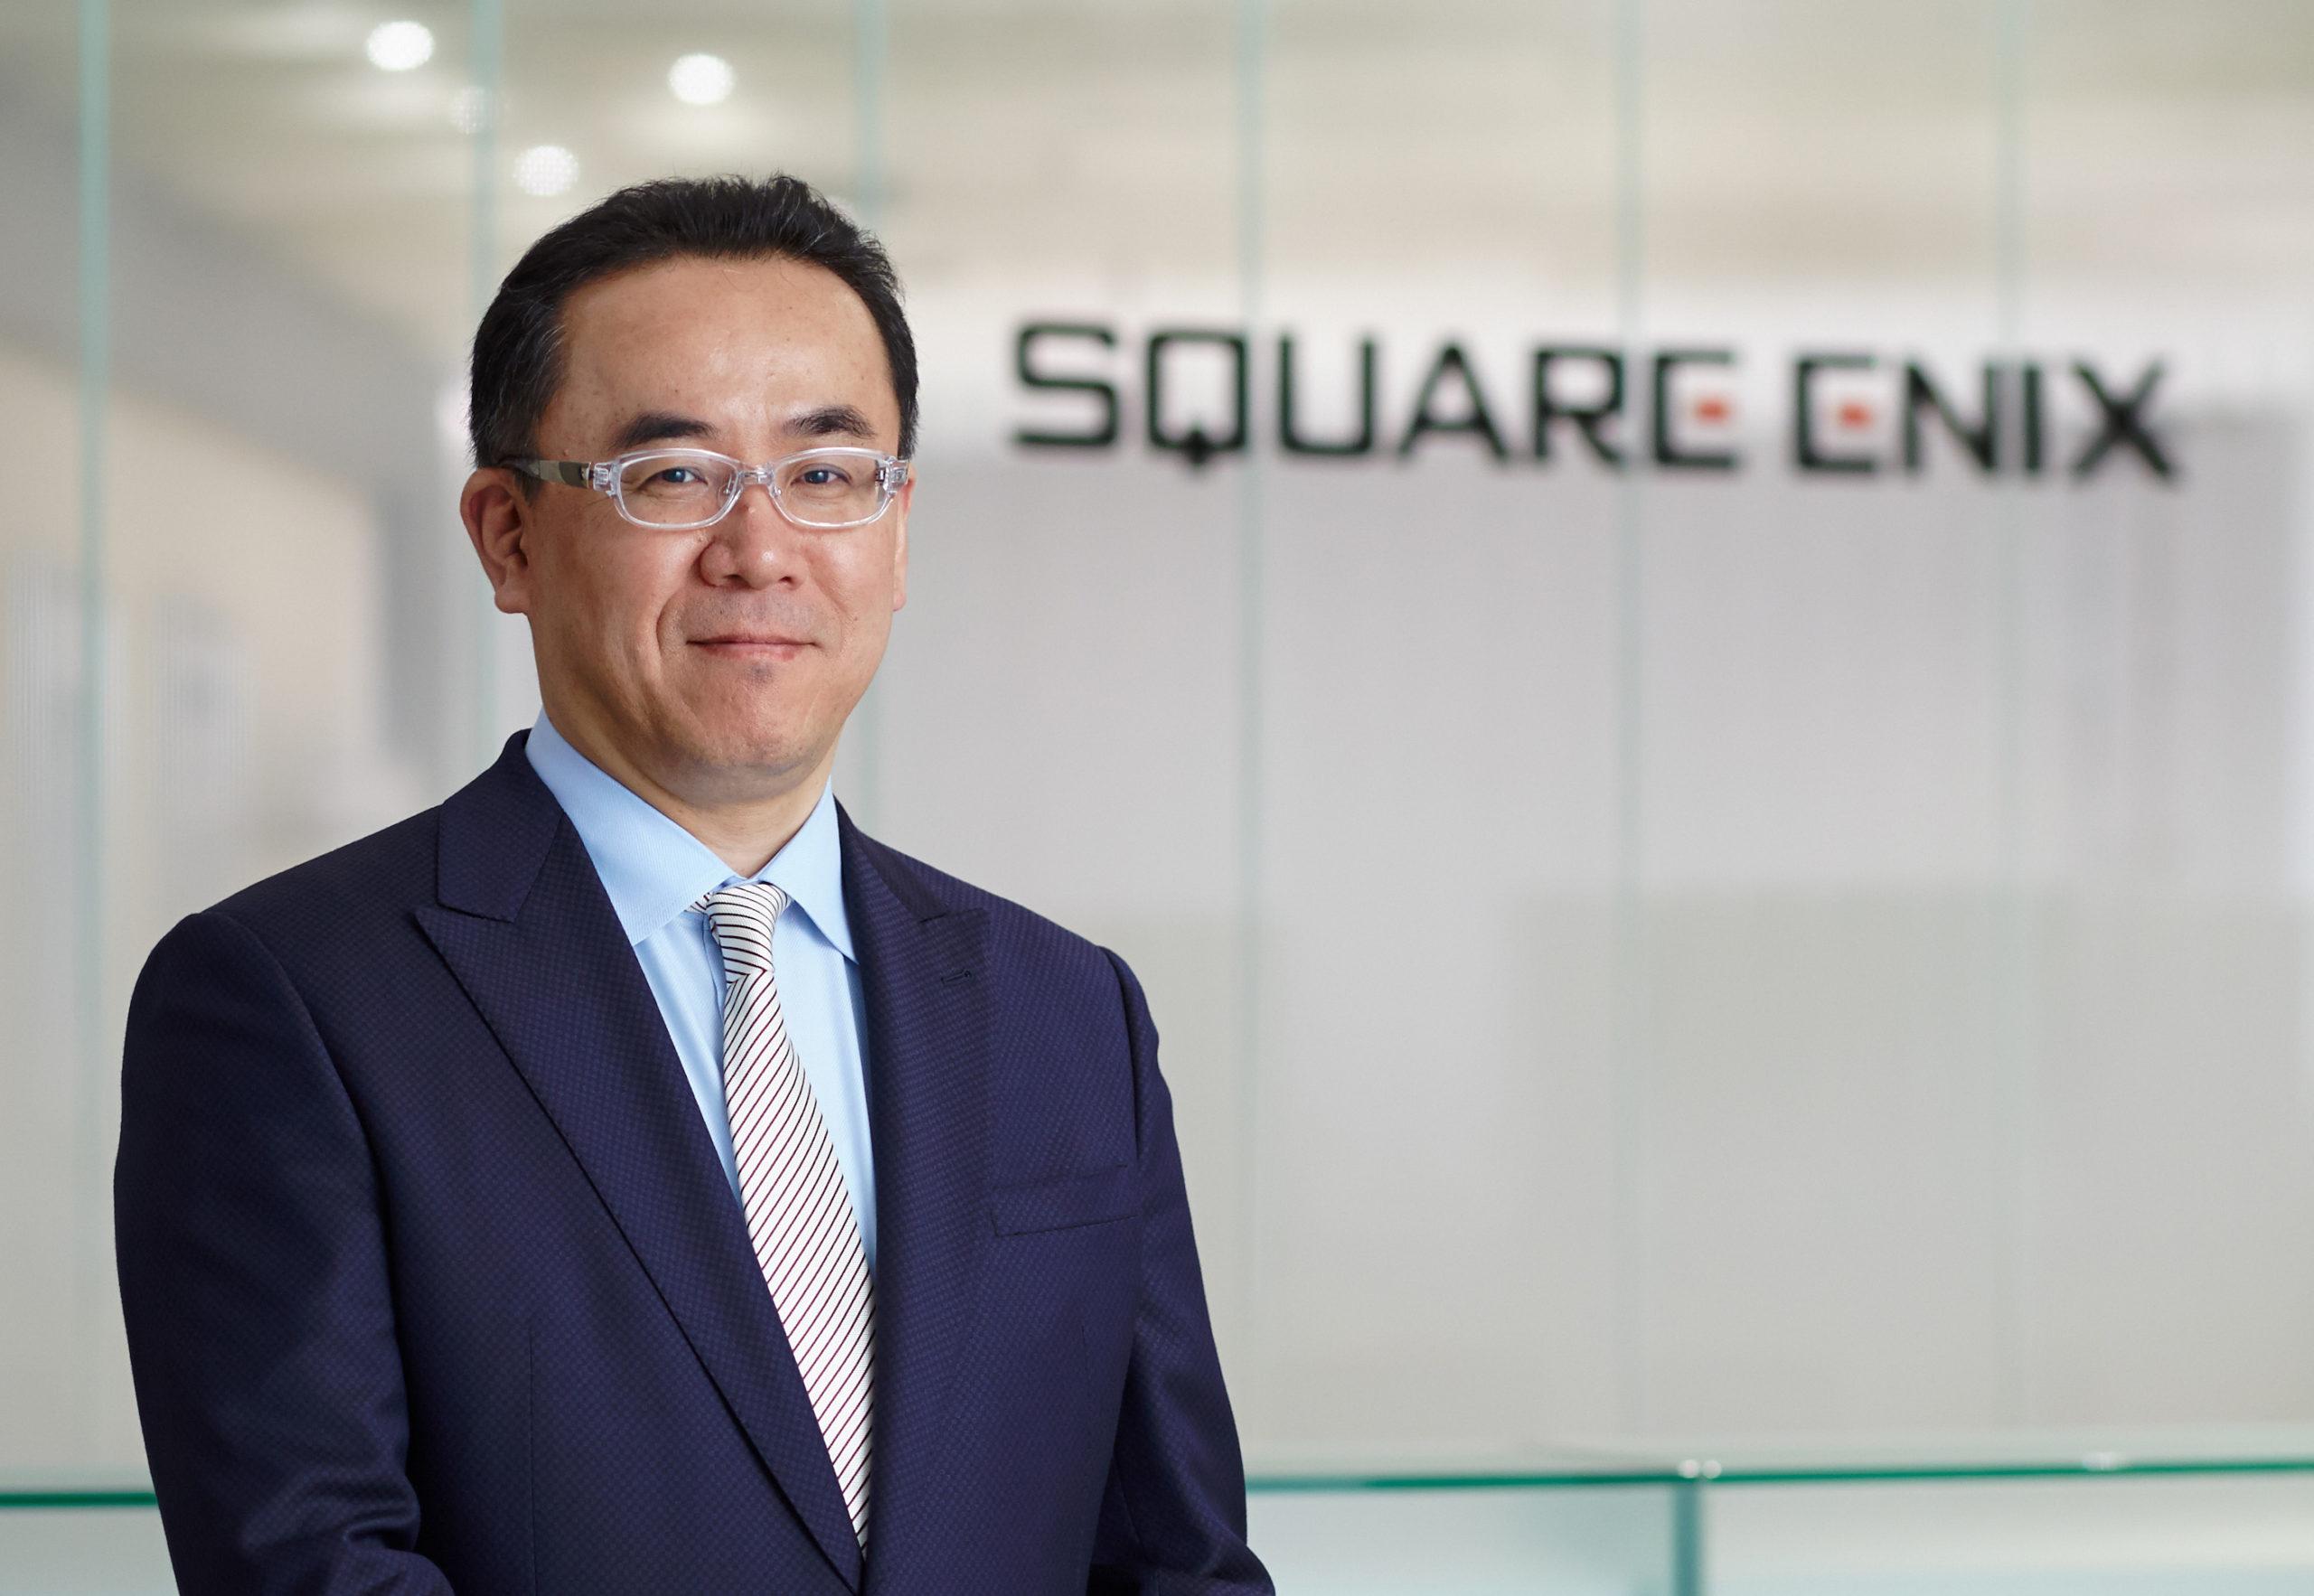 Hry od Square Enix na letošní E3 chybět nebudou Yosuke scaled